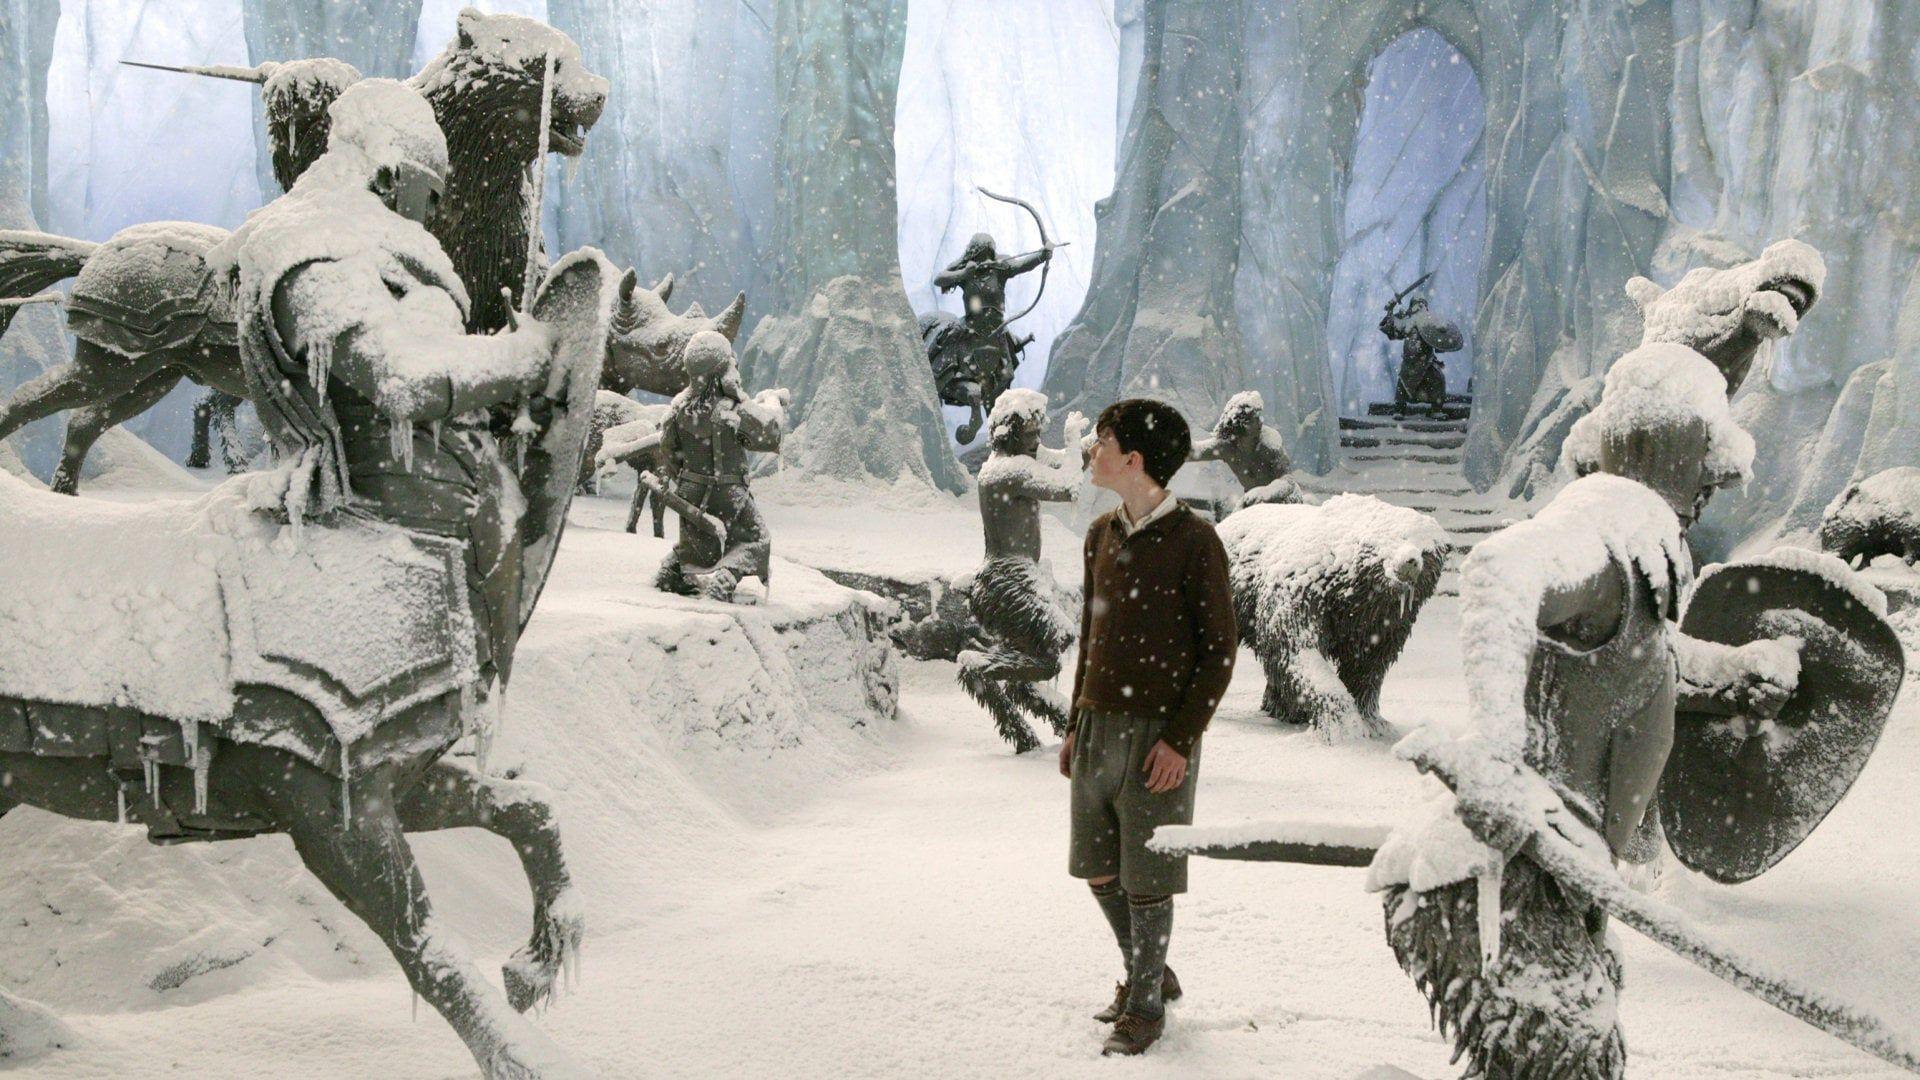 Le Monde De Narnia Chapitre 1 Conte La Lutte Entre Le Bien Et Le Mal Qui Oppose Le Magnifique Lion Aslan Aux Forces Chronicles Of Narnia Narnia Movie Scenes